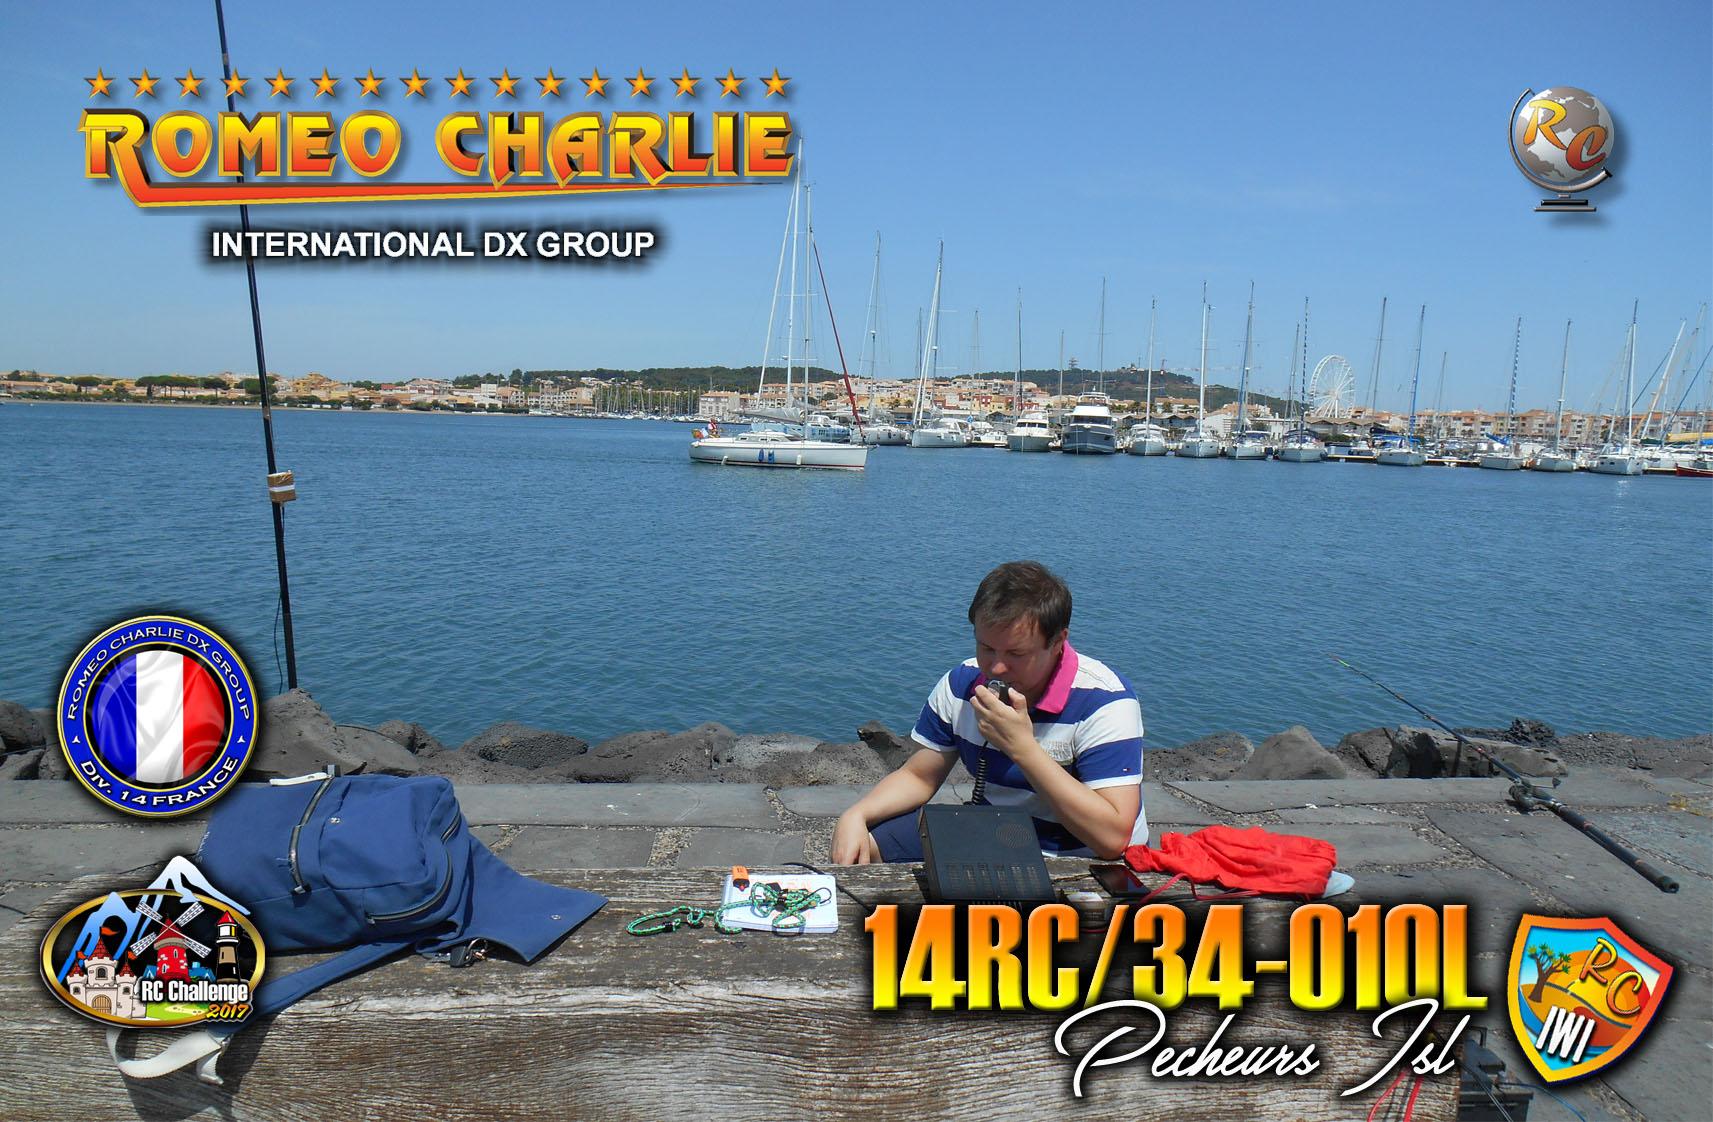 14rc34-010l photo 2